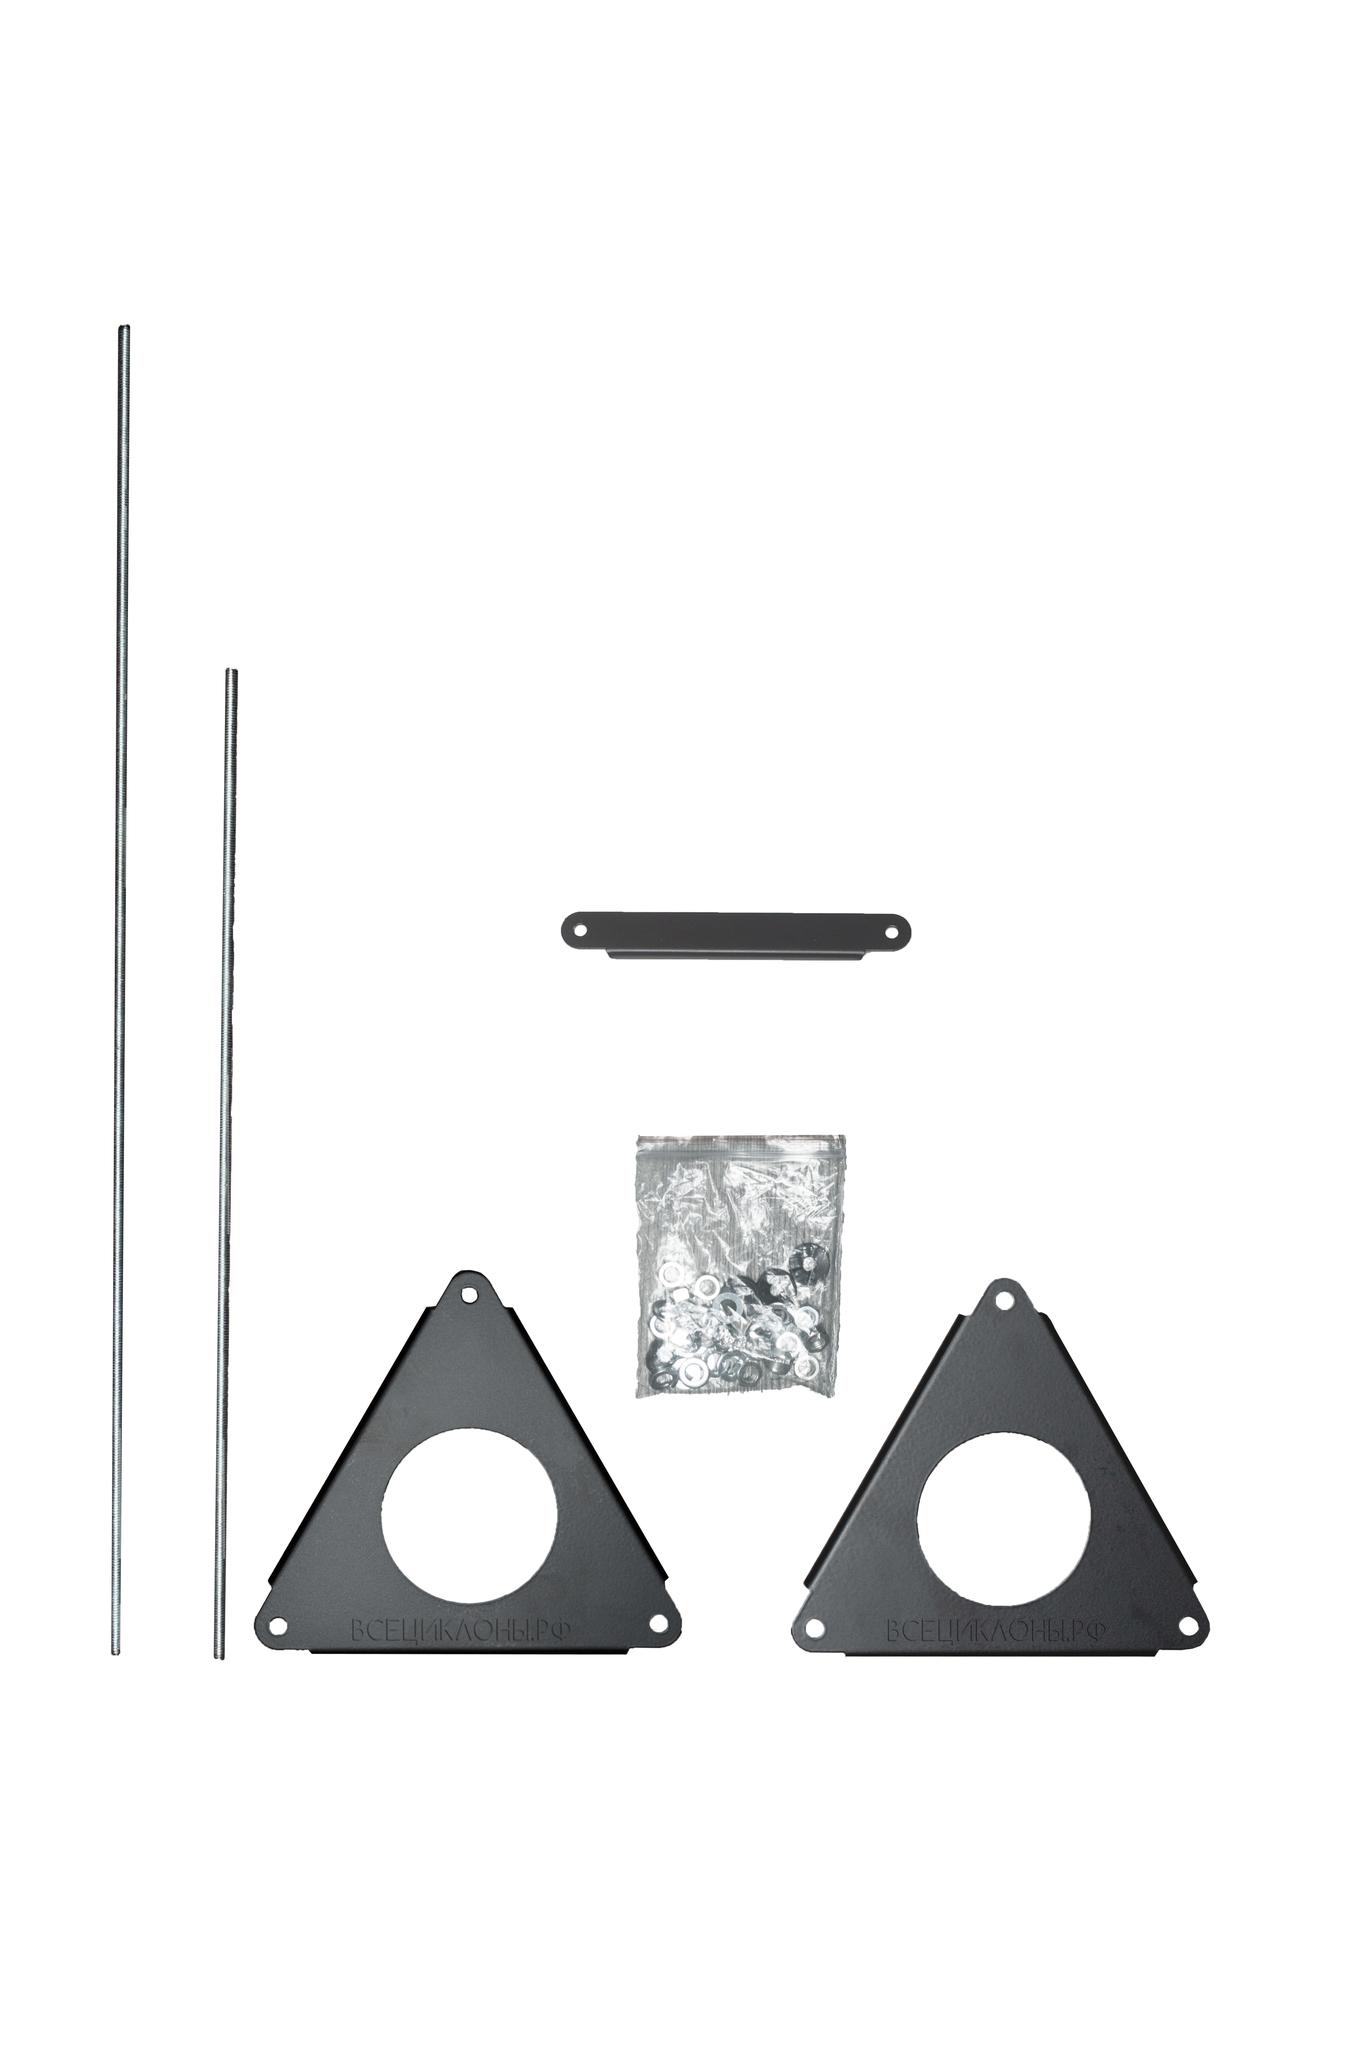 Комплектующие Скелетный крепёж для циклона MicroDust, крышка и циклонный фильтр продаются отдельно